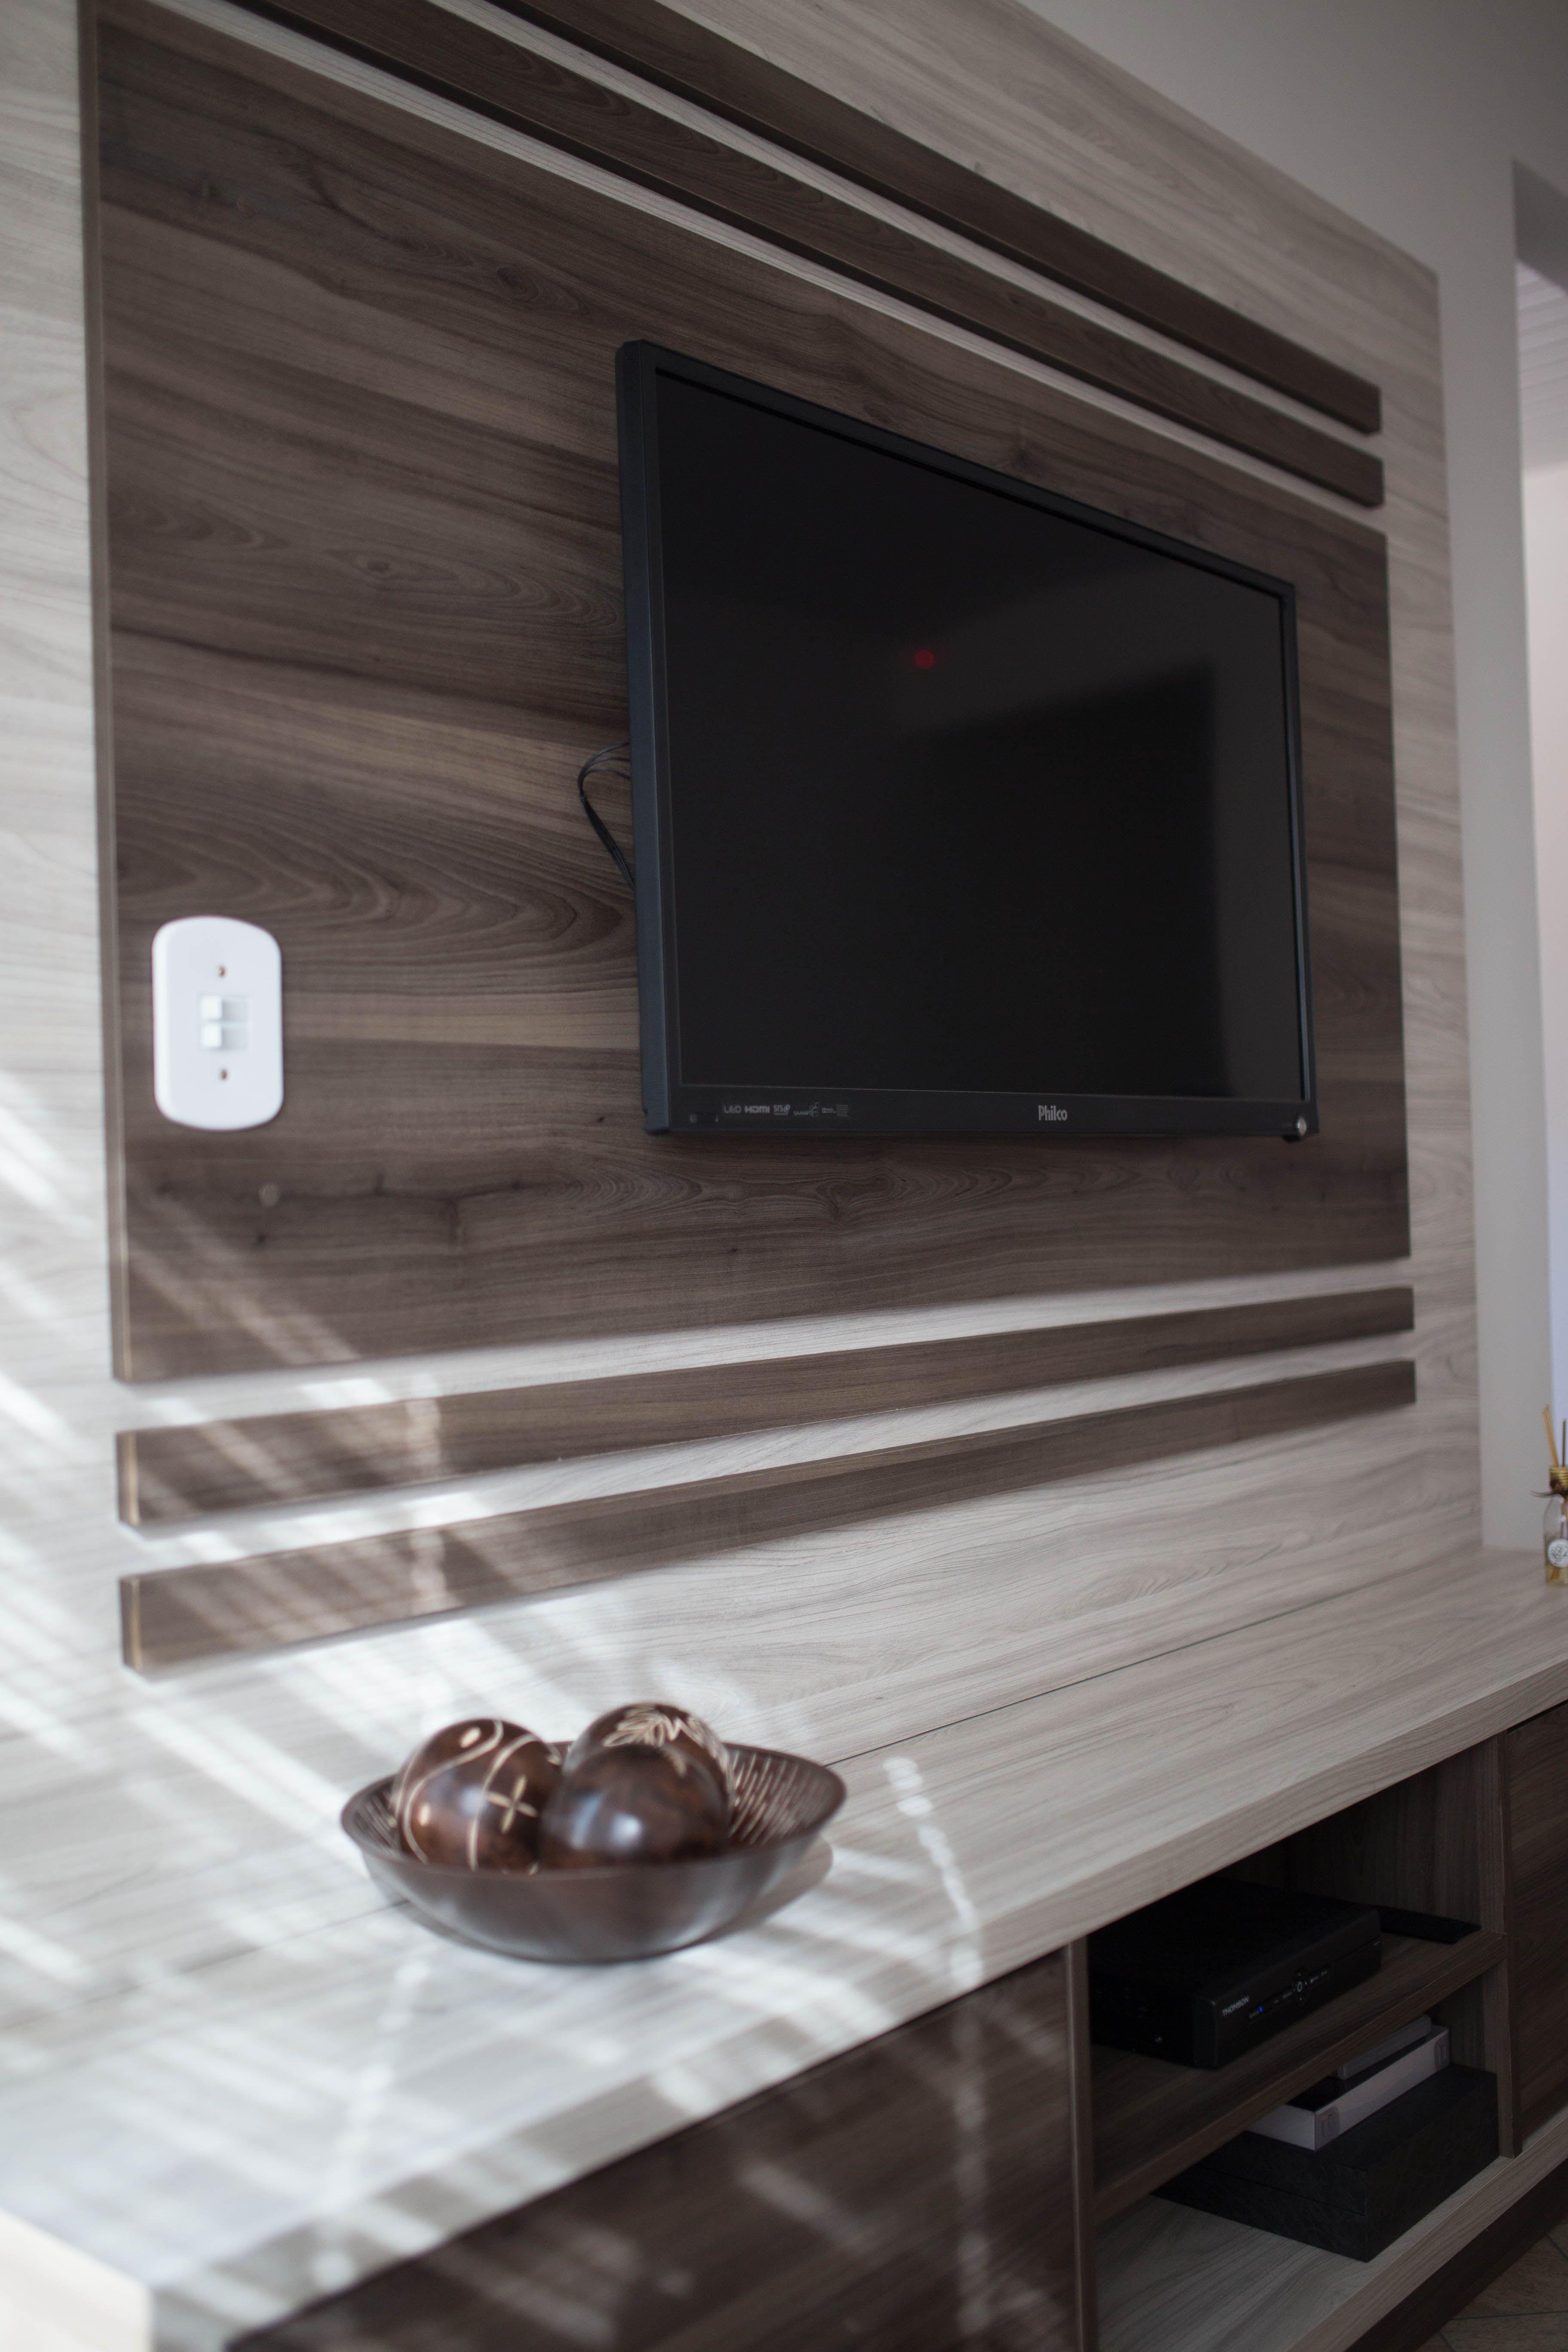 Na hora de planejar os móveis da sua casa os detalhes fazem toda a diferença! Planeje com a Mobplus Guarapuava e deixe o seu lar com a sua cara! #moveisplanejadosguarapuava #moveisplanejados #detalhes #guarapuava #salaplanejada #estanteplanejada